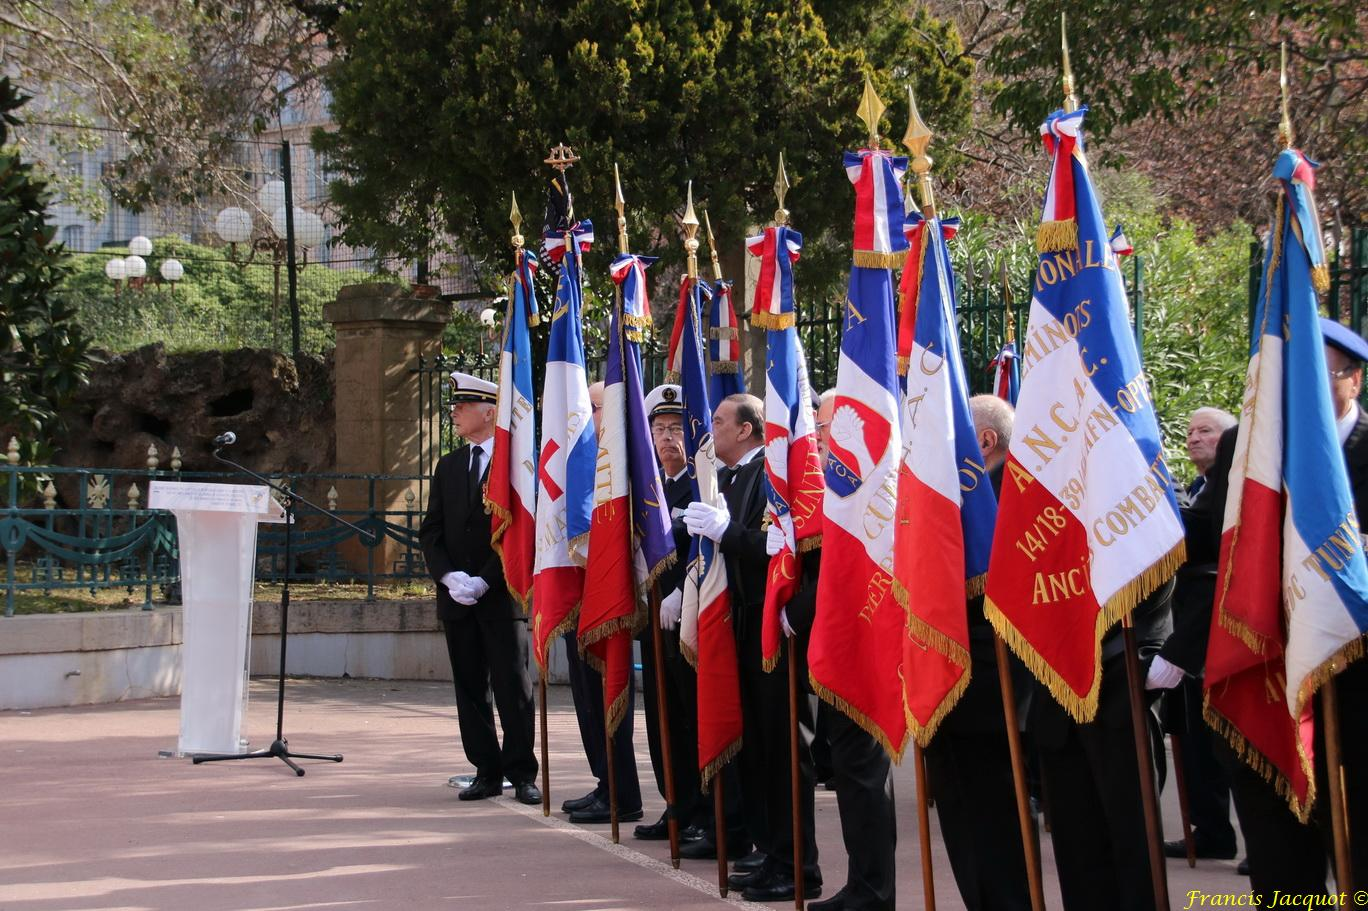 [ Histoires et histoire ] Journée nationale du souvenir et de recueillement à la mémoire des victimes civiles et militaires de la guerre d'Algérie et des combats en Tunisie et au Maroc. - Page 2 3662202002